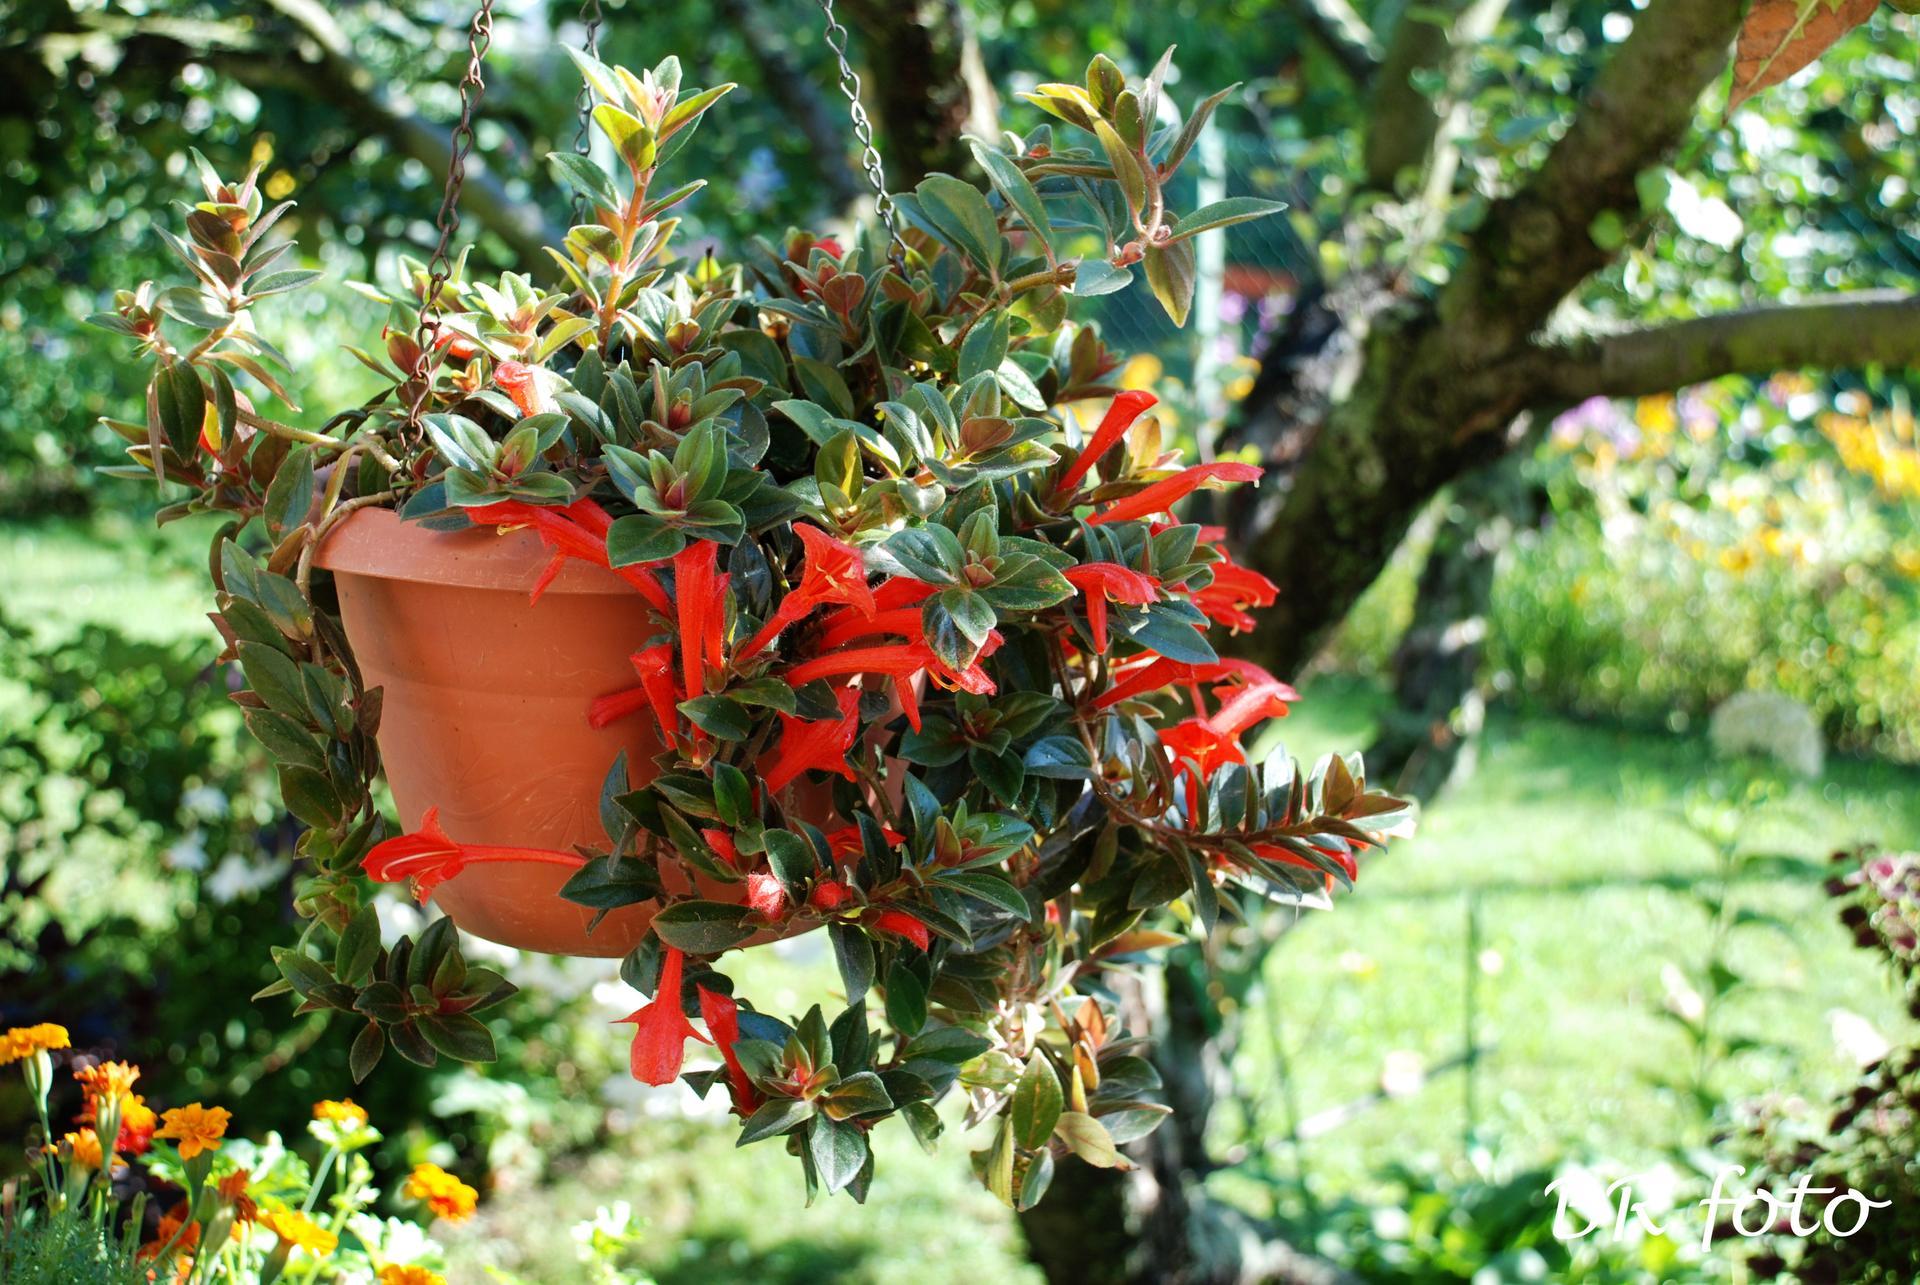 Zahrada v létě - kolumnea - pokojovka, letní pobyt na zahradě jí prospívá